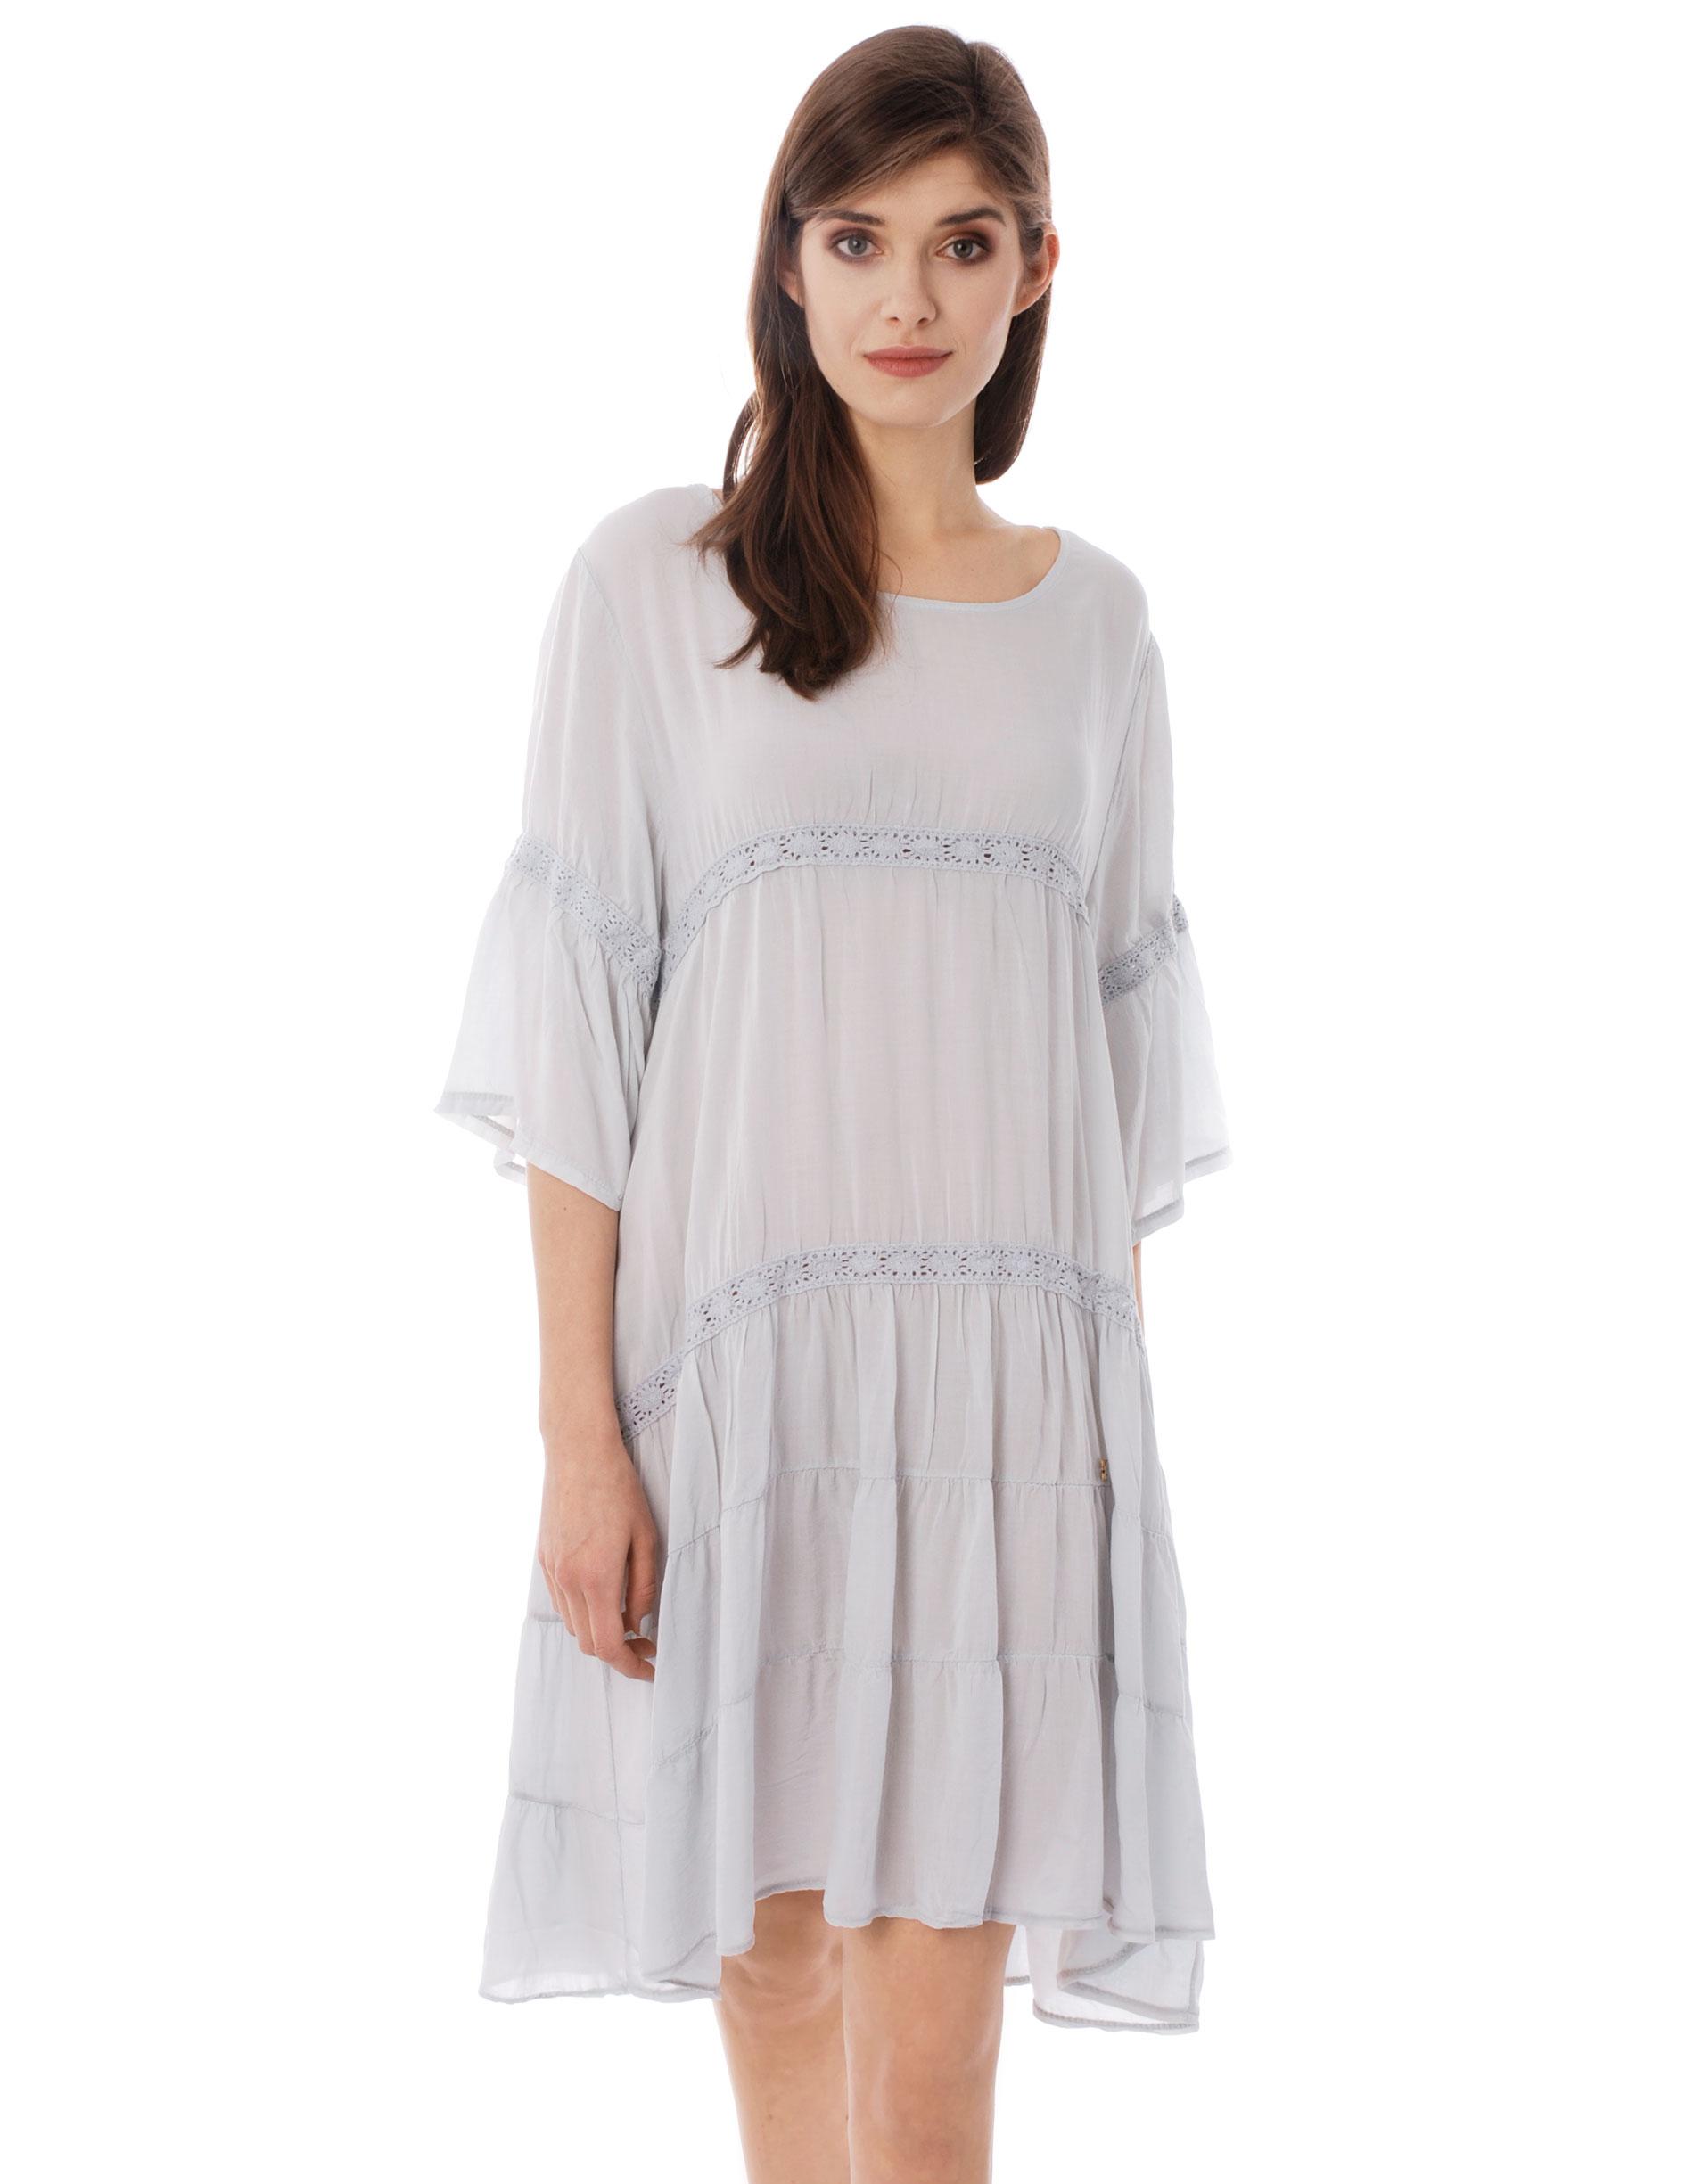 Sukienka - 77-7074 PERLA - Unisono